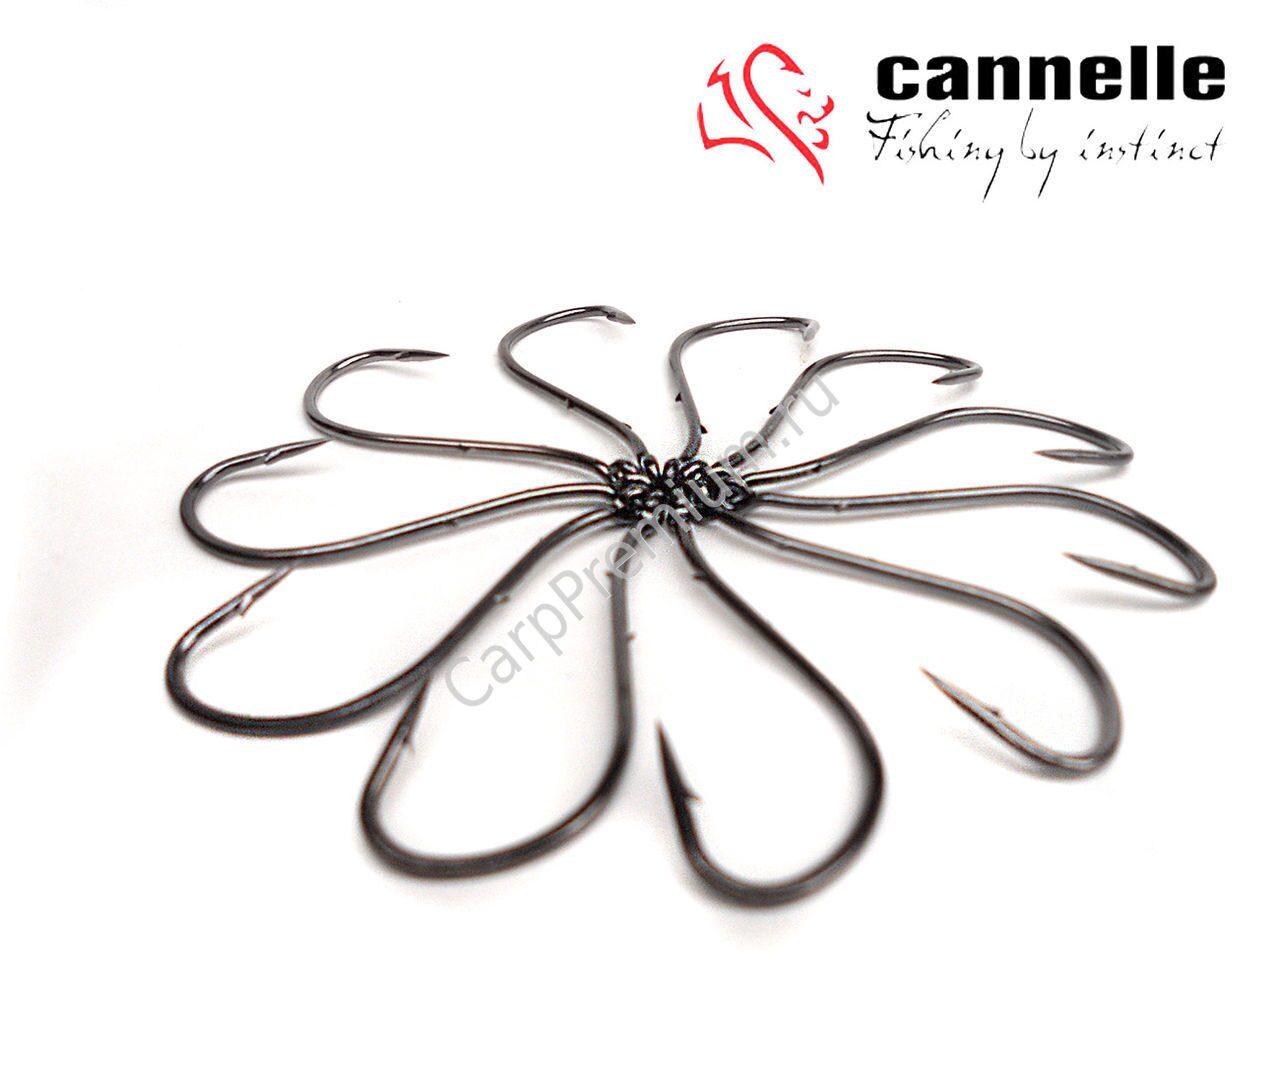 крючки рыболовные cannelle